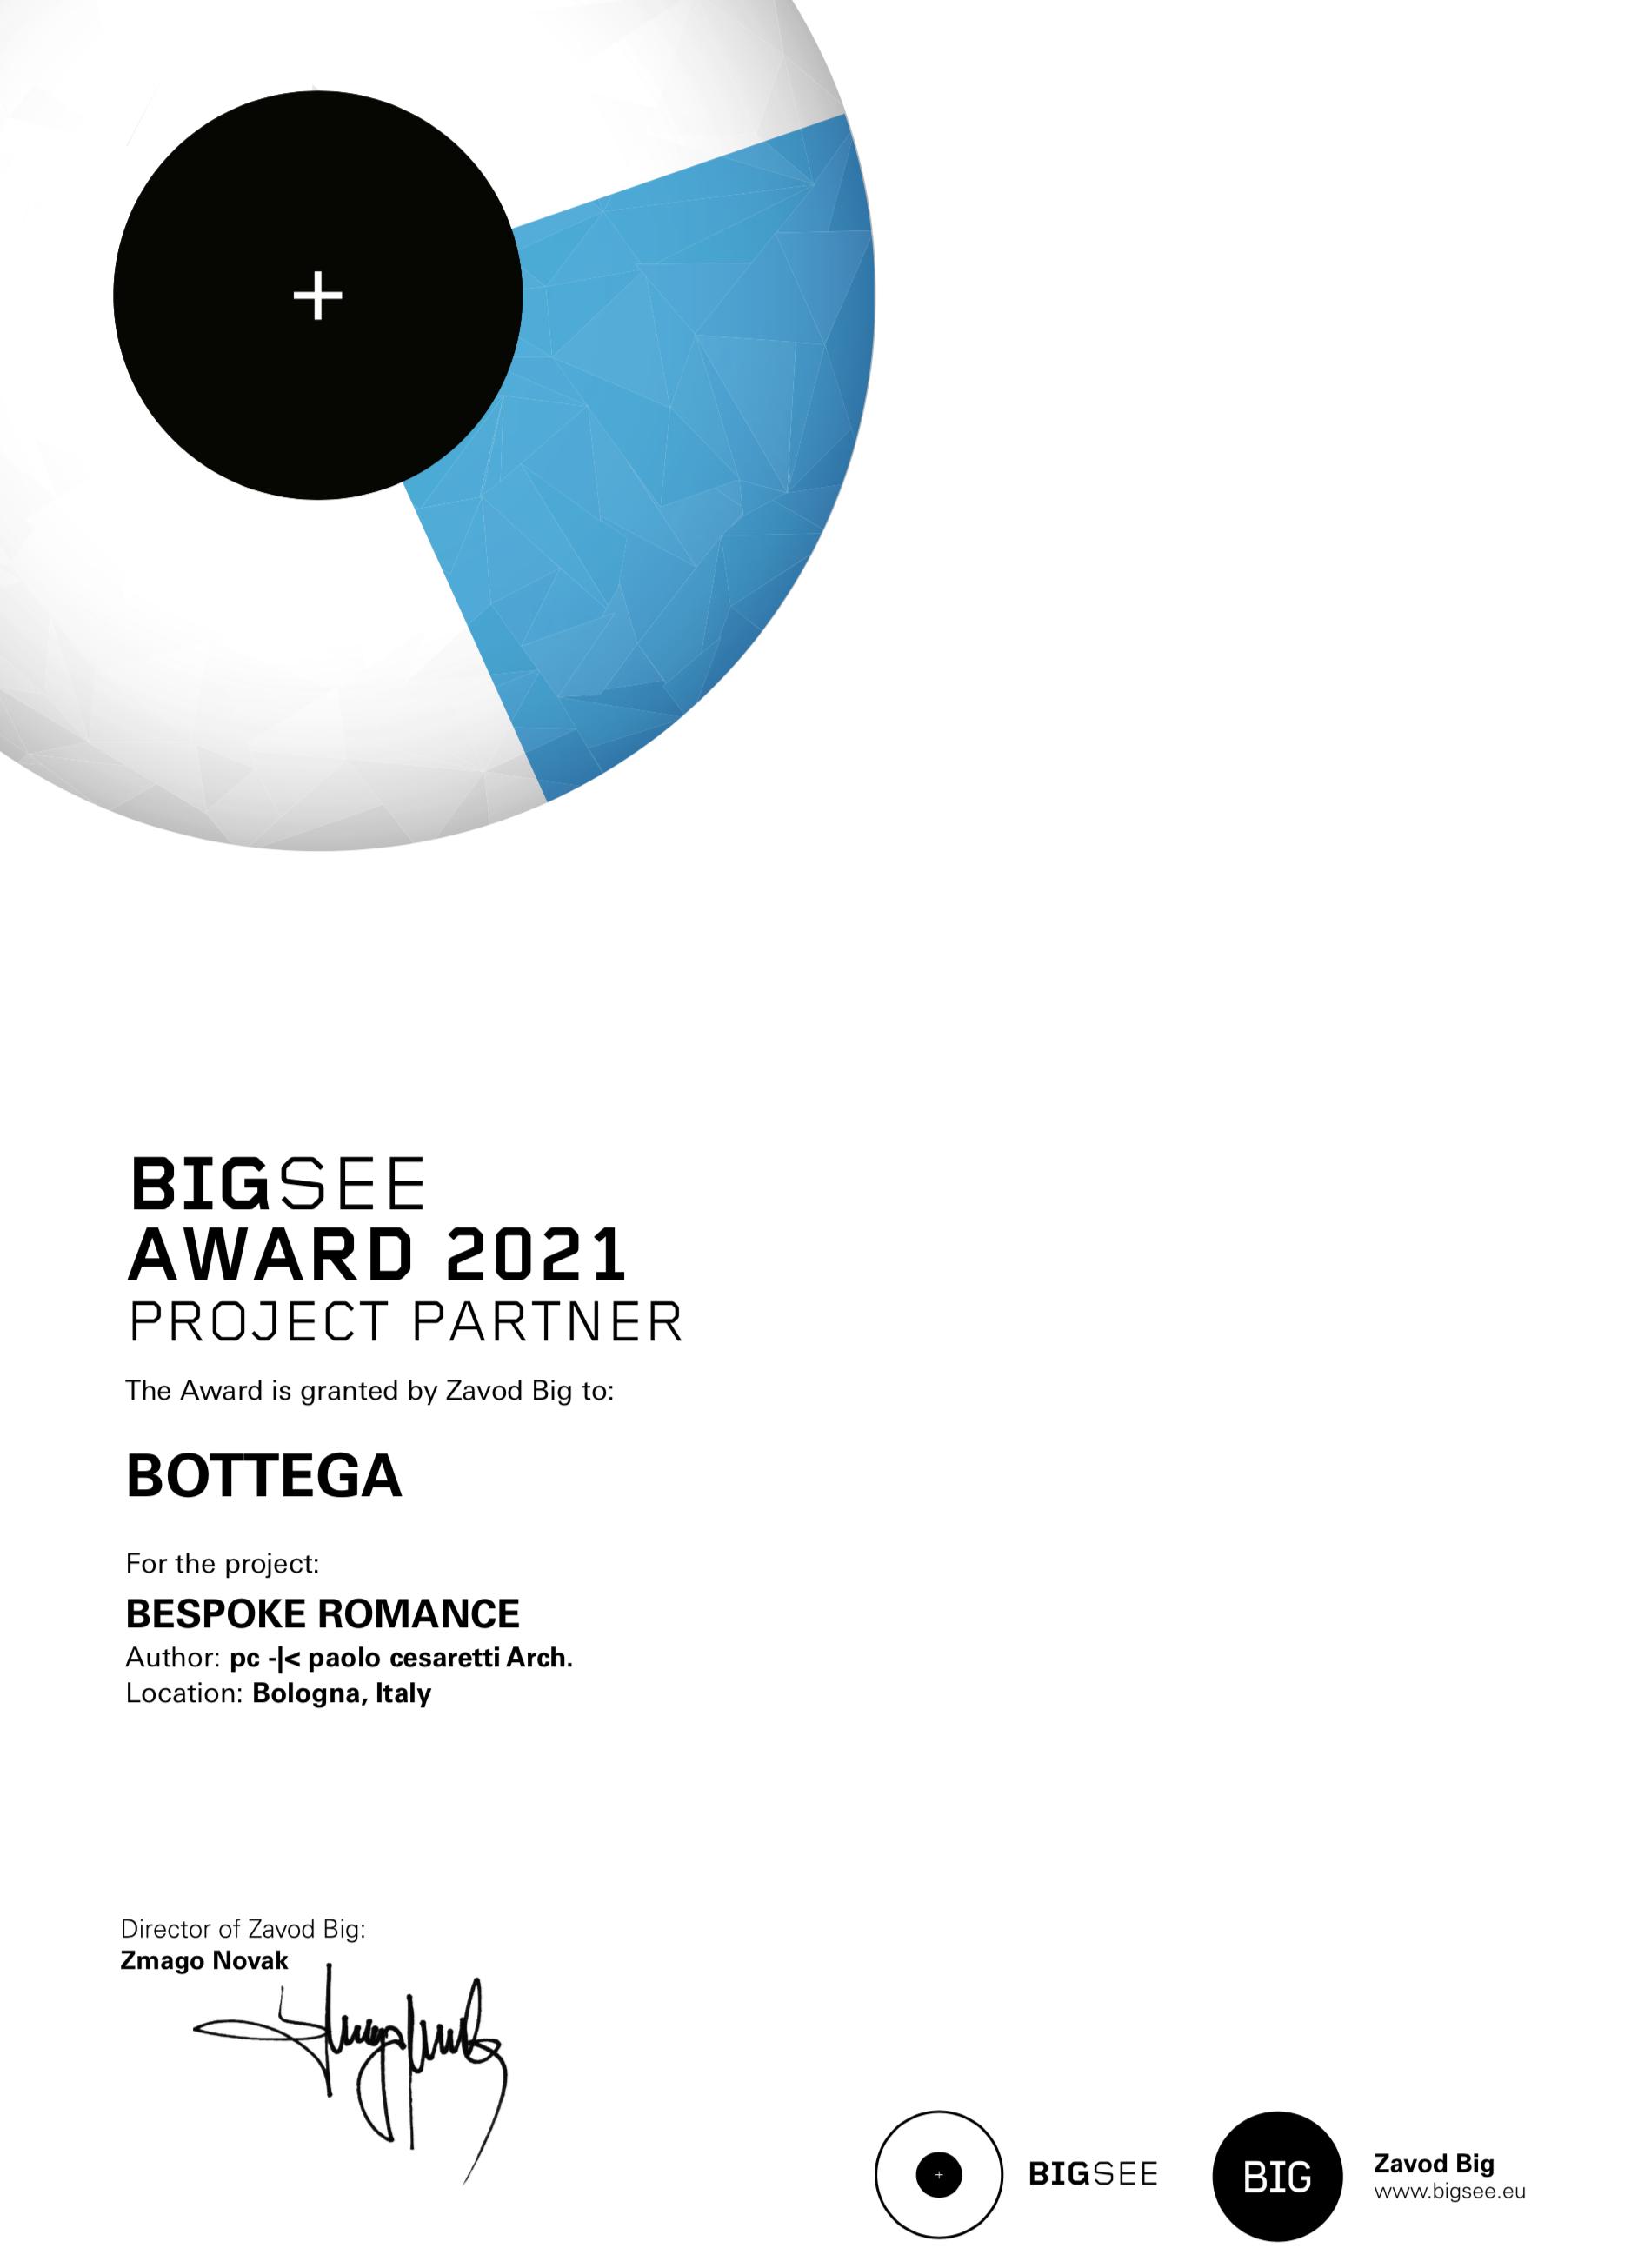 Big See Award 2021 - Premio La Bottega: Stand Bespoke Romance - Architetto Paolo Cesaretti - Cersaie Bologna